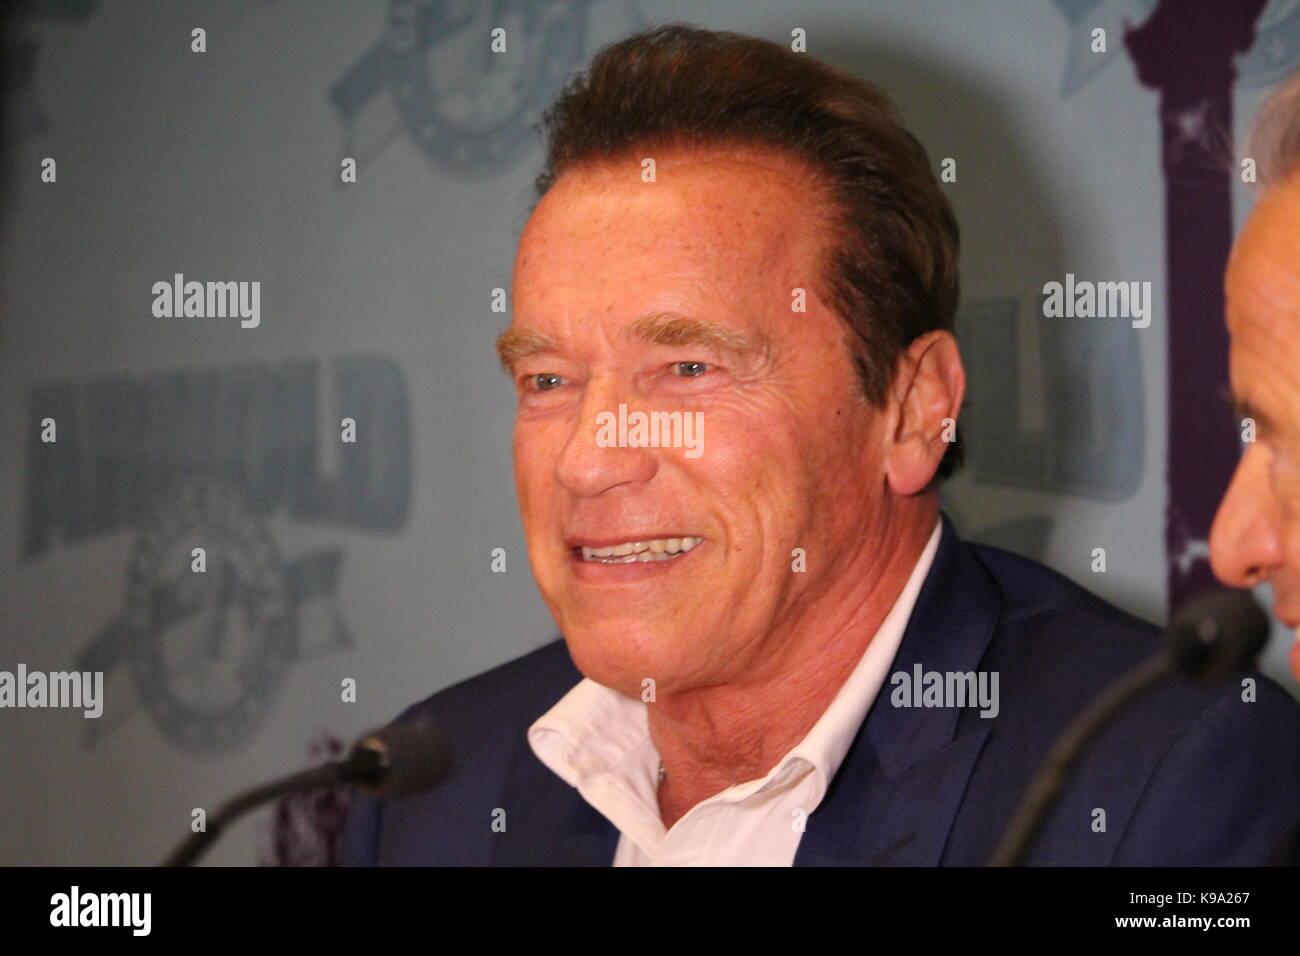 Barcellona, Spagna - 22 settembre 2017: l'attore ed ex governatore dello stato della California Arnold Schwarzenegger Foto Stock